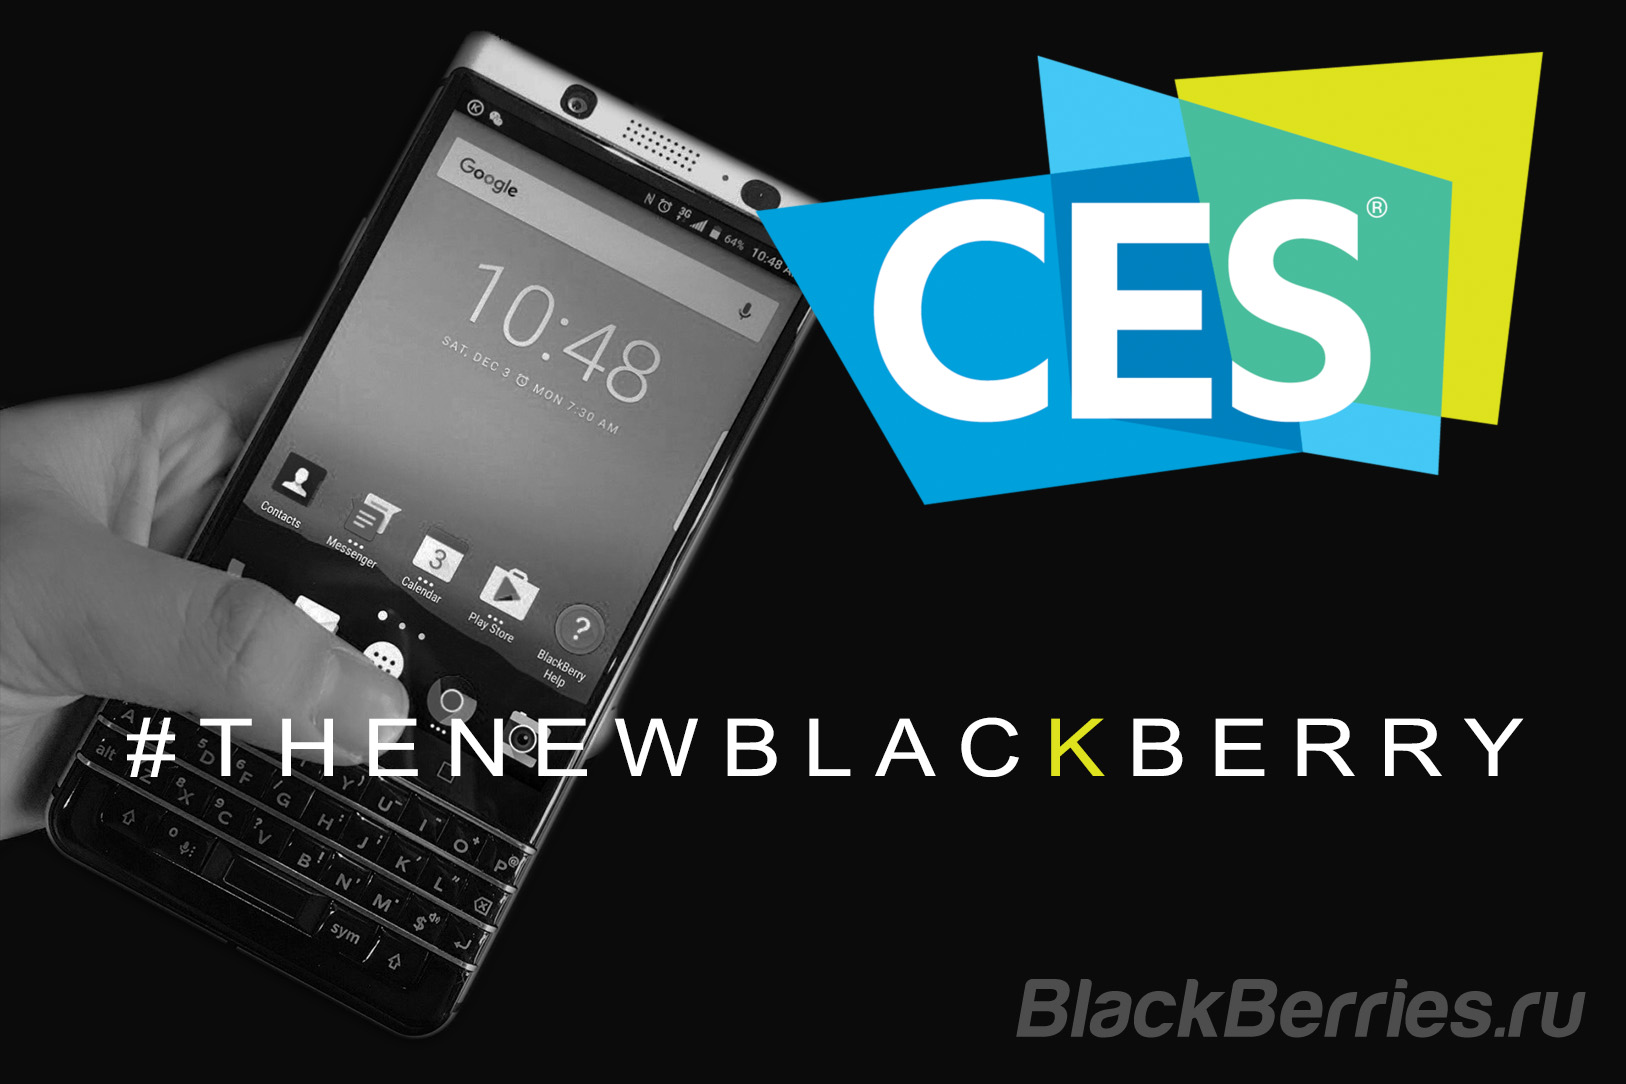 blackberry-ces2017